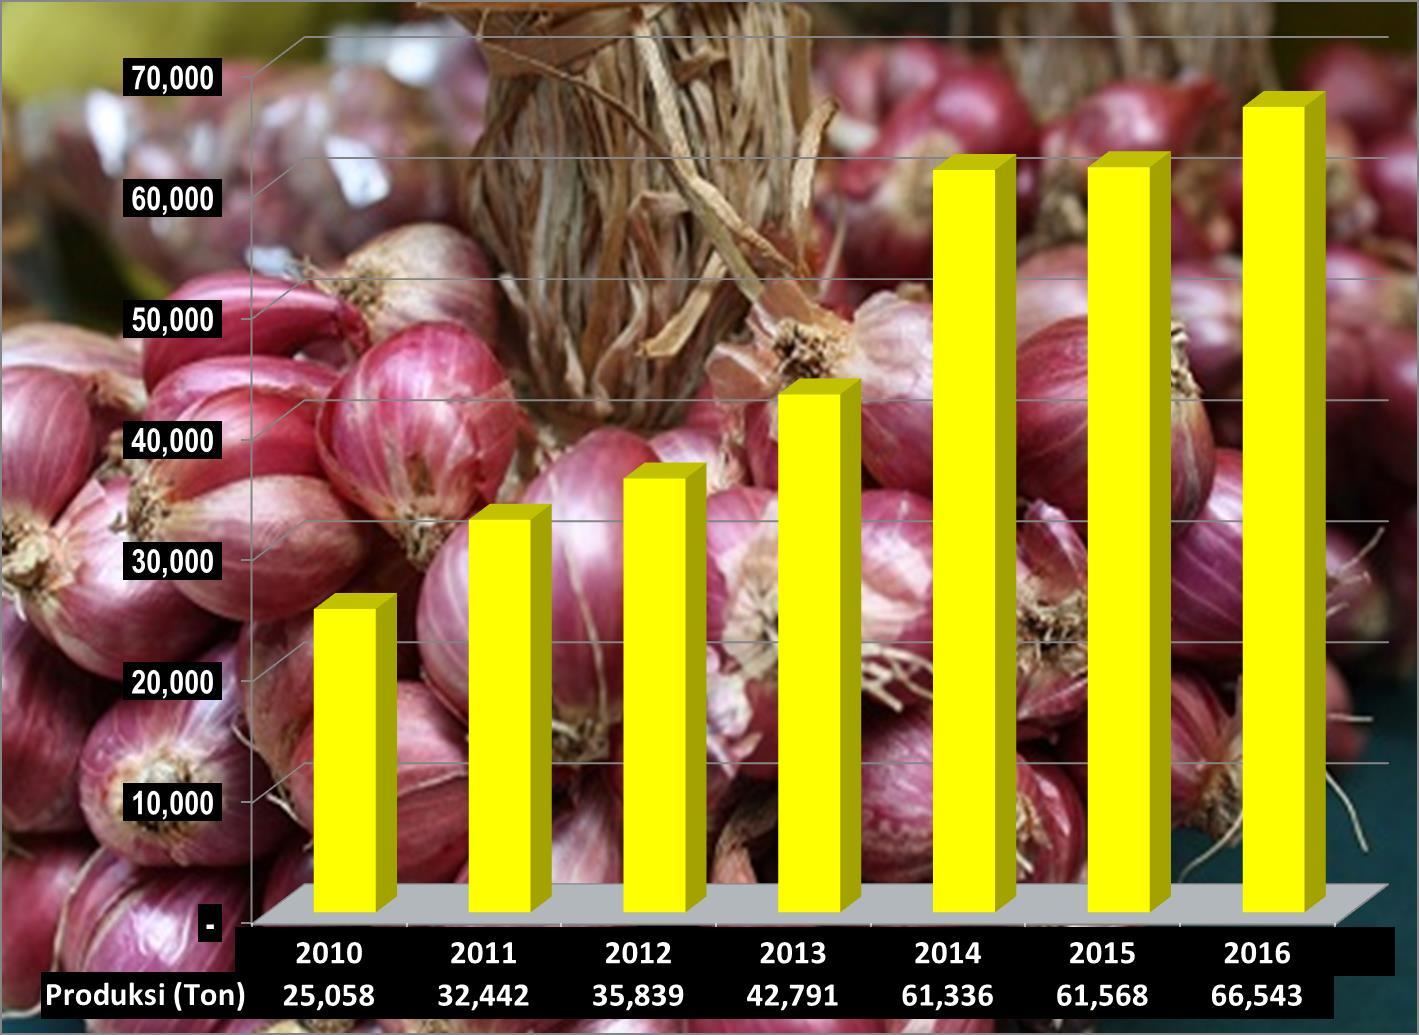 Grafik Produksi Bawang Merah Sumbar 2010 - 2016 (Ton)